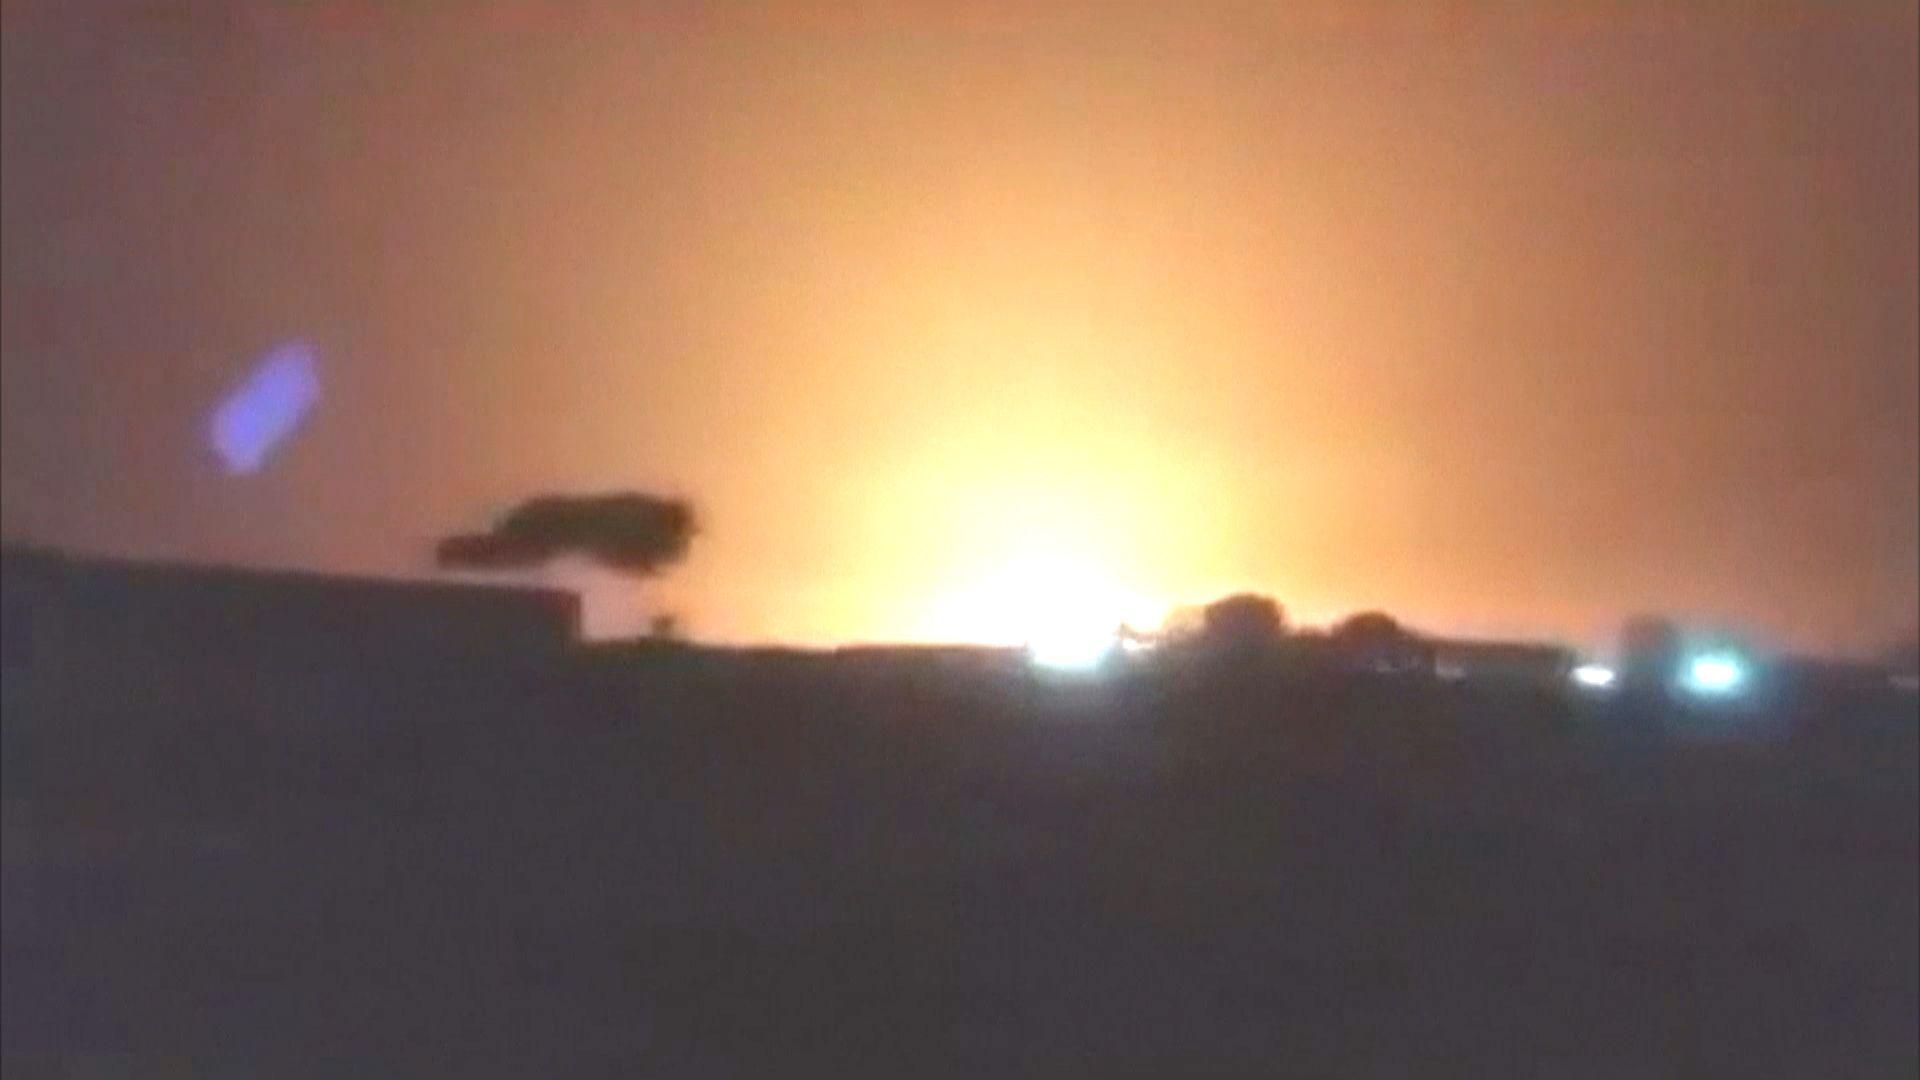 再有烏航客機疑遭導彈擊落片段曝光